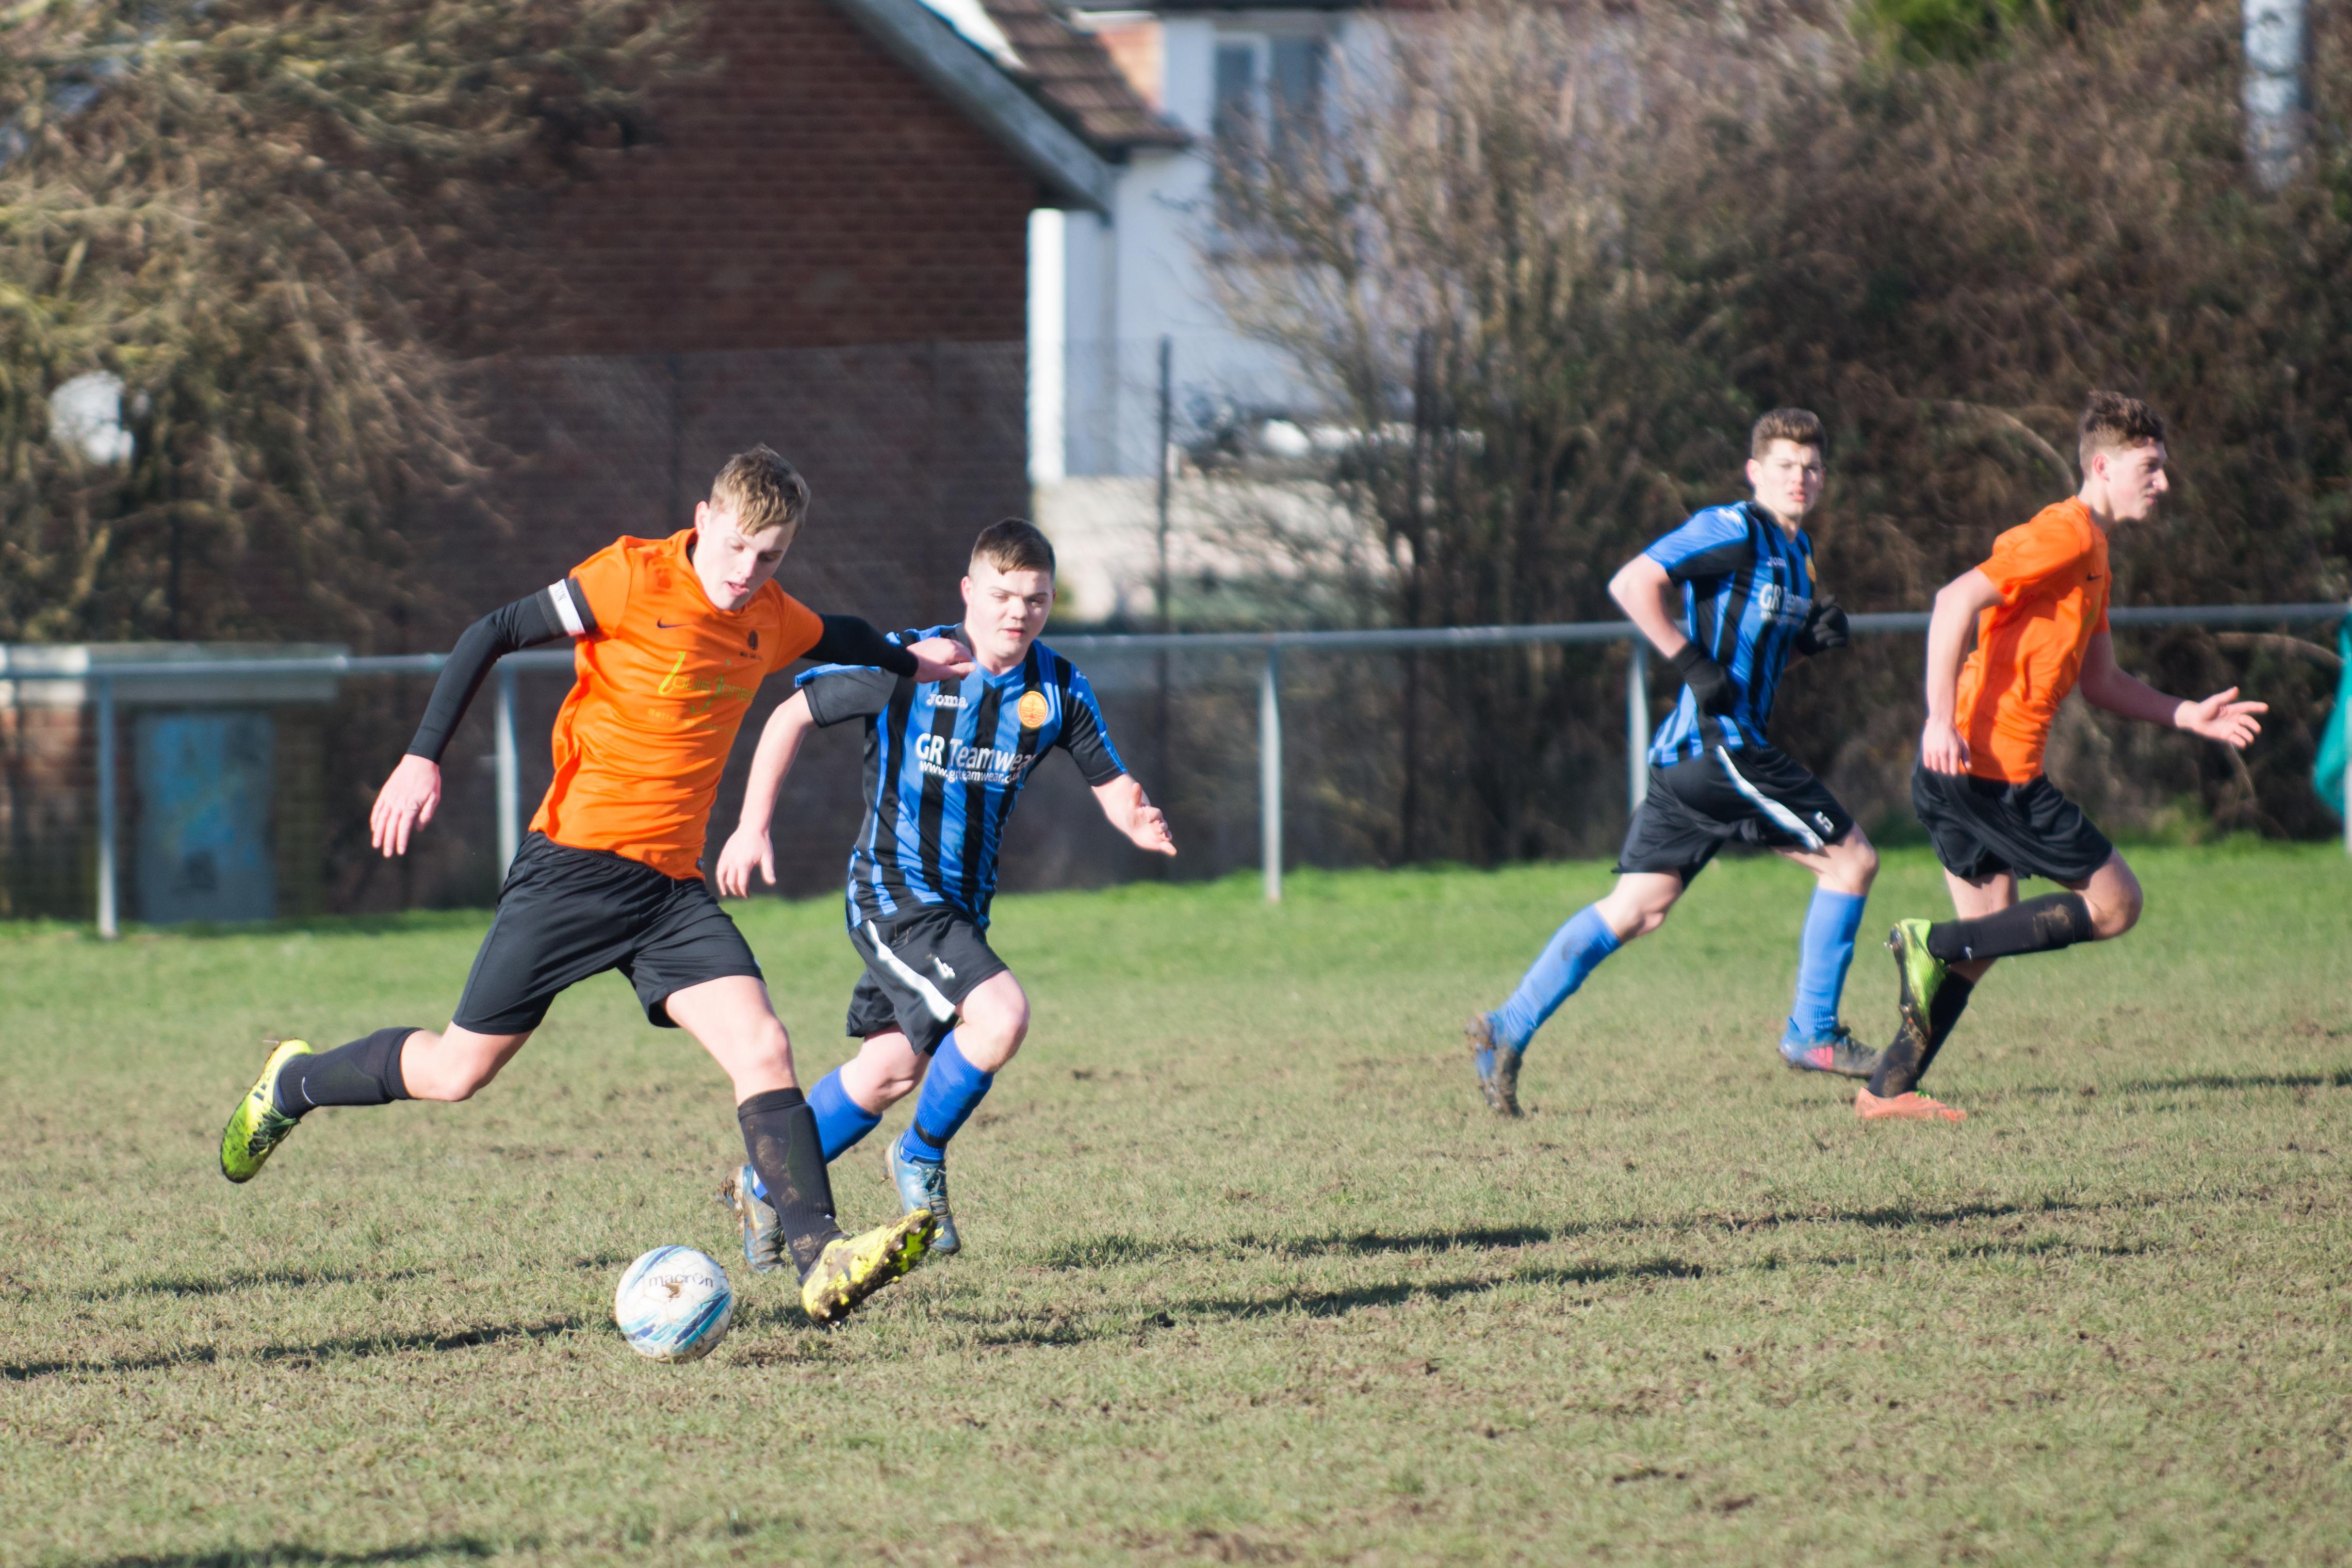 Mile Oak FC U18s vs Newhaven FC U18s 04.02.18 14